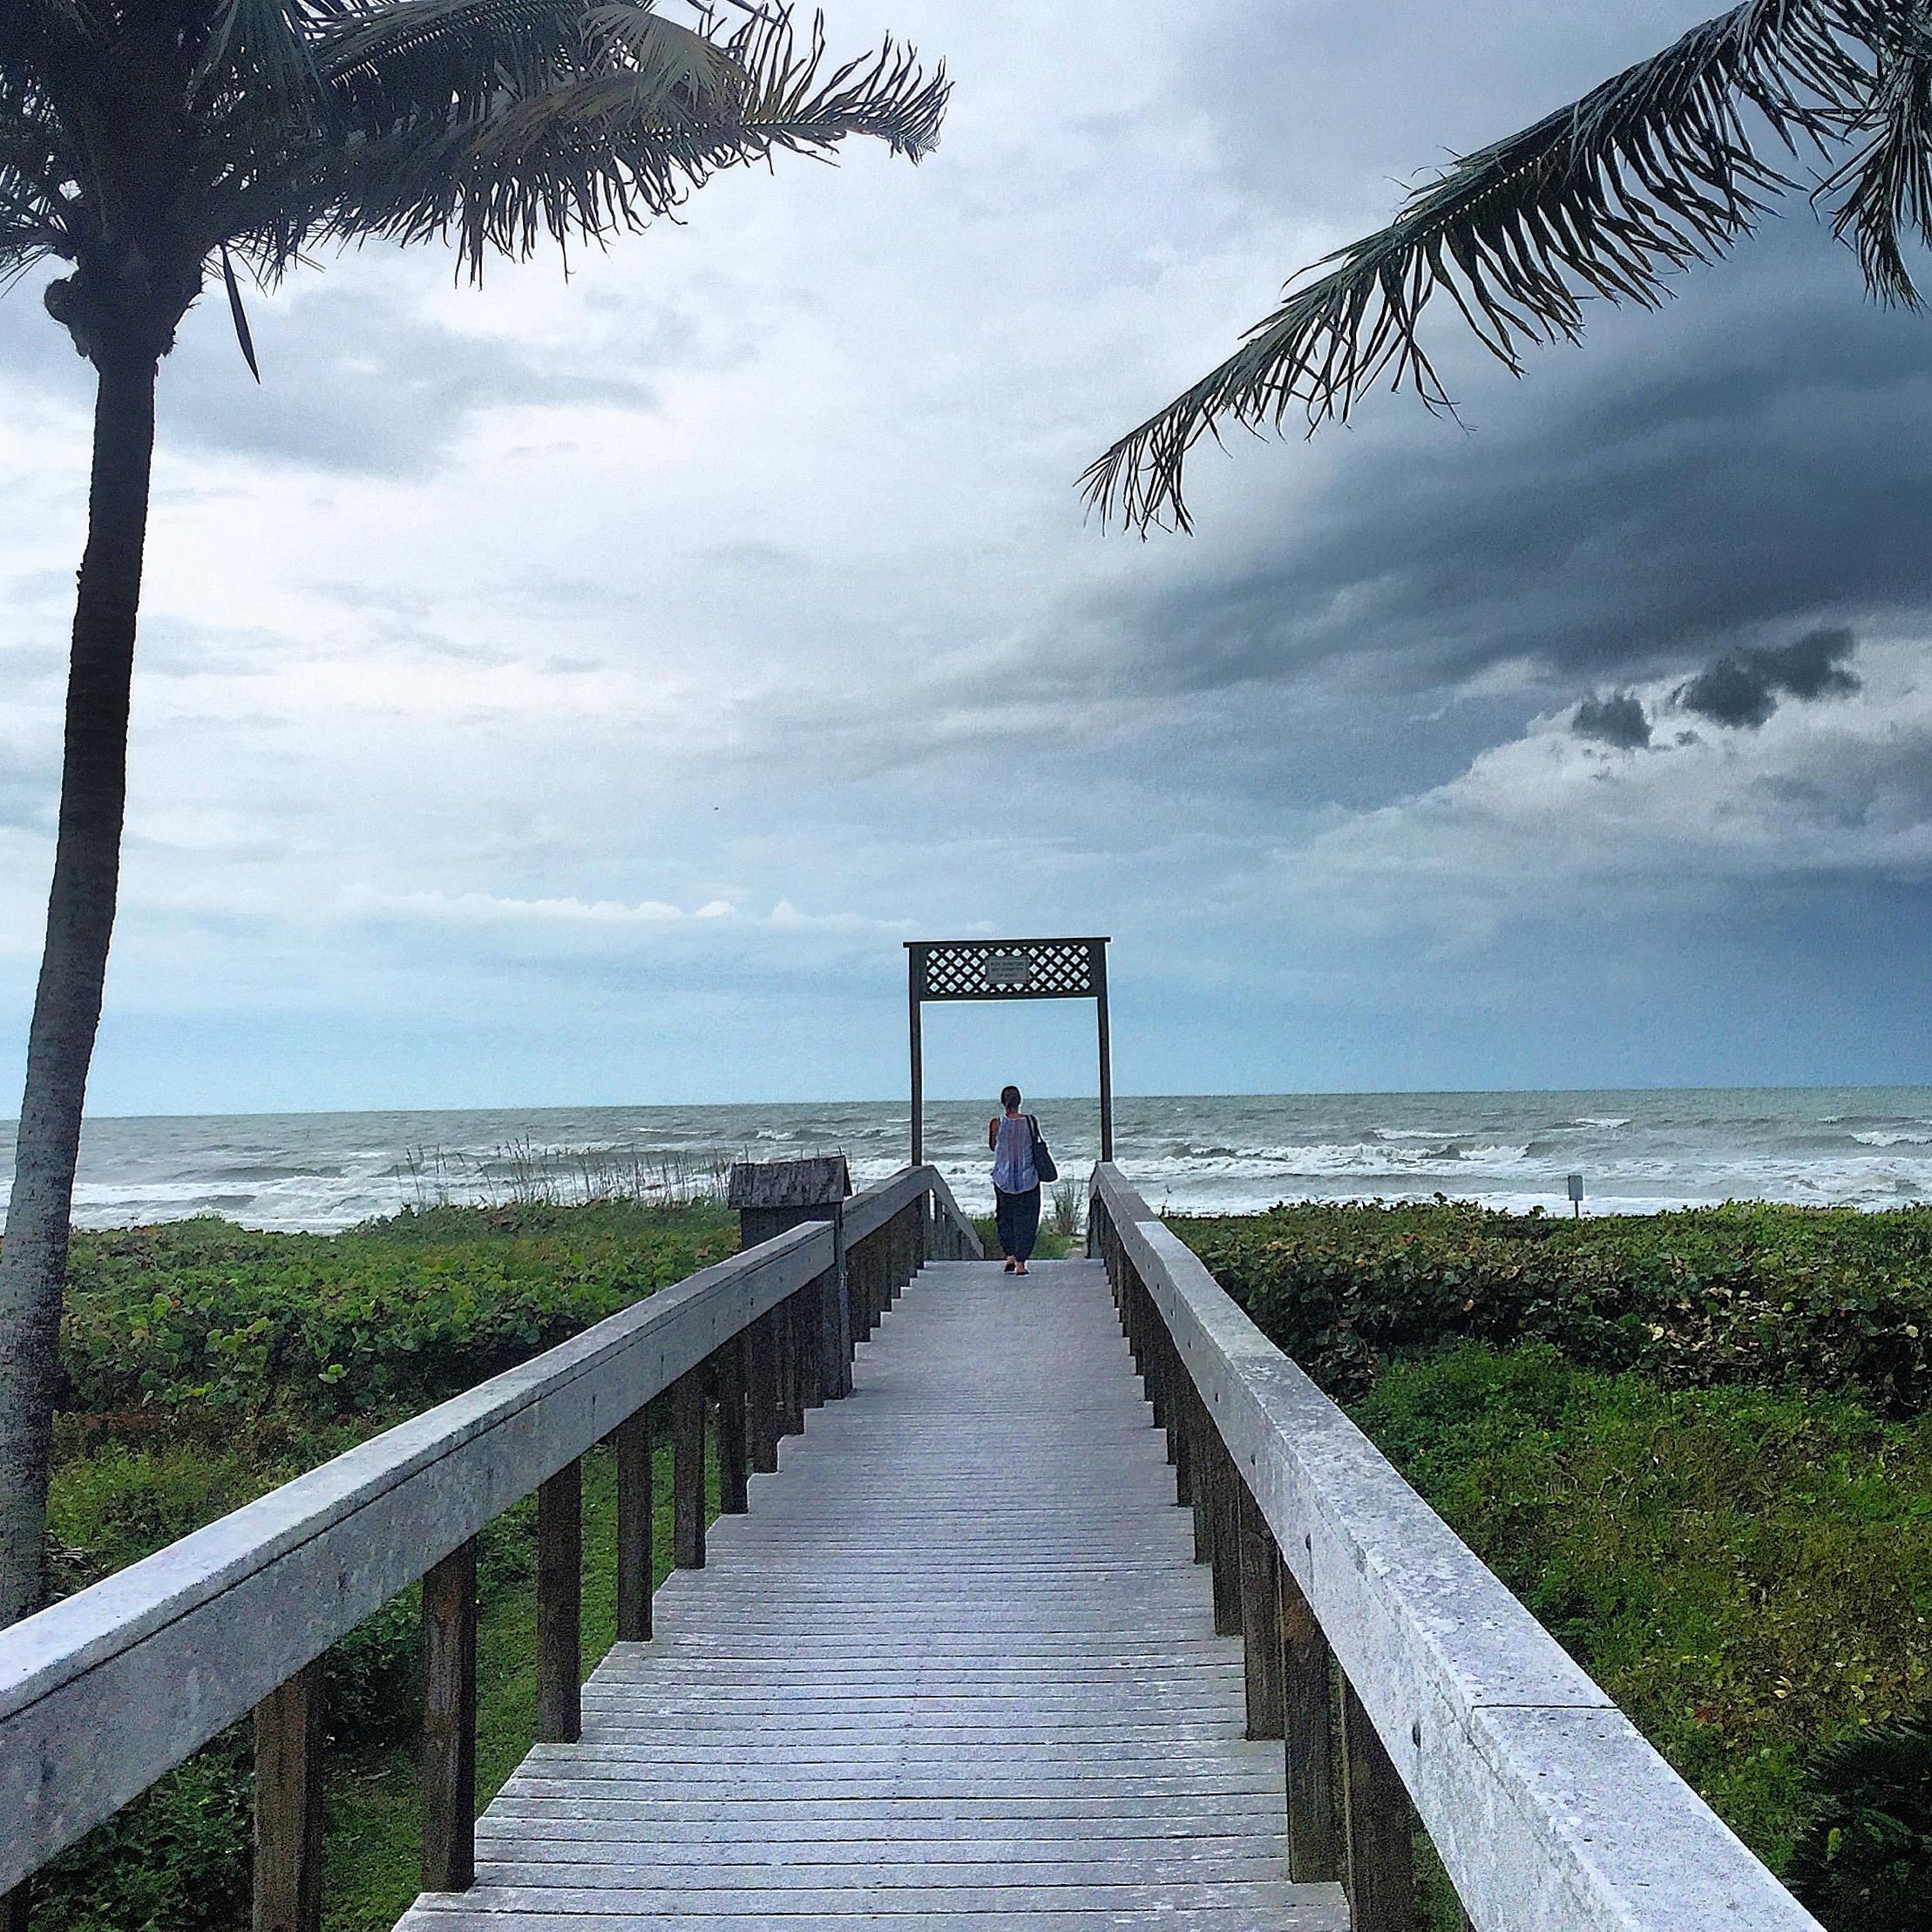 Visiting Sanibel Island in Florida